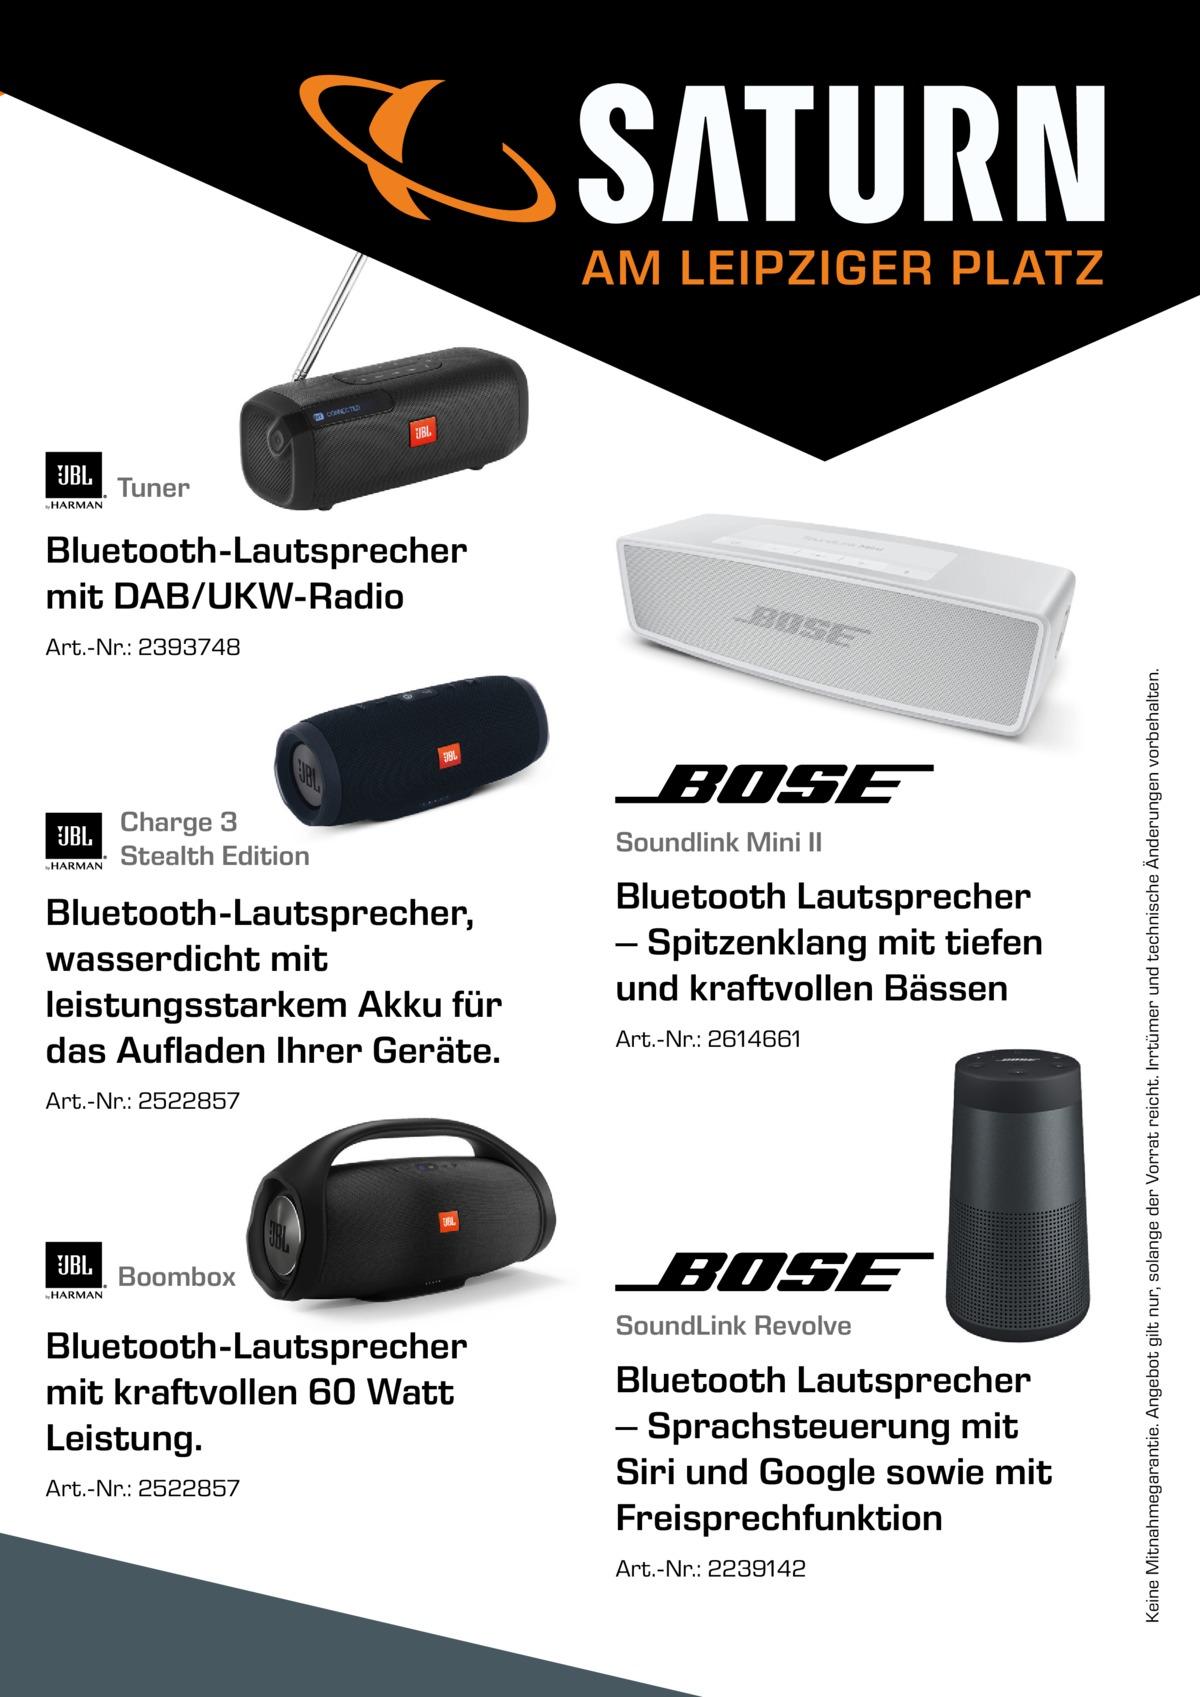 AM LEIPZIGER PLATZ  Tuner  Bluetooth-Lautsprecher mit DAB/UKW-Radio  Charge 3 Stealth Edition  Bluetooth-Lautsprecher, wasserdicht mit leistungsstarkem Akku für das Aufladen Ihrer Geräte.  Soundlink Mini II  Bluetooth Lautsprecher – Spitzenklang mit tiefen und kraftvollen Bässen Art.-Nr.: 2614661  Art.-Nr.: 2522857  Boombox  Bluetooth-Lautsprecher mit kraftvollen 60 Watt Leistung. Art.-Nr.: 2522857  SoundLink Revolve  Bluetooth Lautsprecher – Sprachsteuerung mit Siri und Google sowie mit Freisprechfunktion Art.-Nr.: 2239142  Keine Mitnahmegarantie. Angebot gilt nur, solange der Vorrat reicht. Irrtümer und technische Änderungen vorbehalten.  Art.-Nr.: 2393748